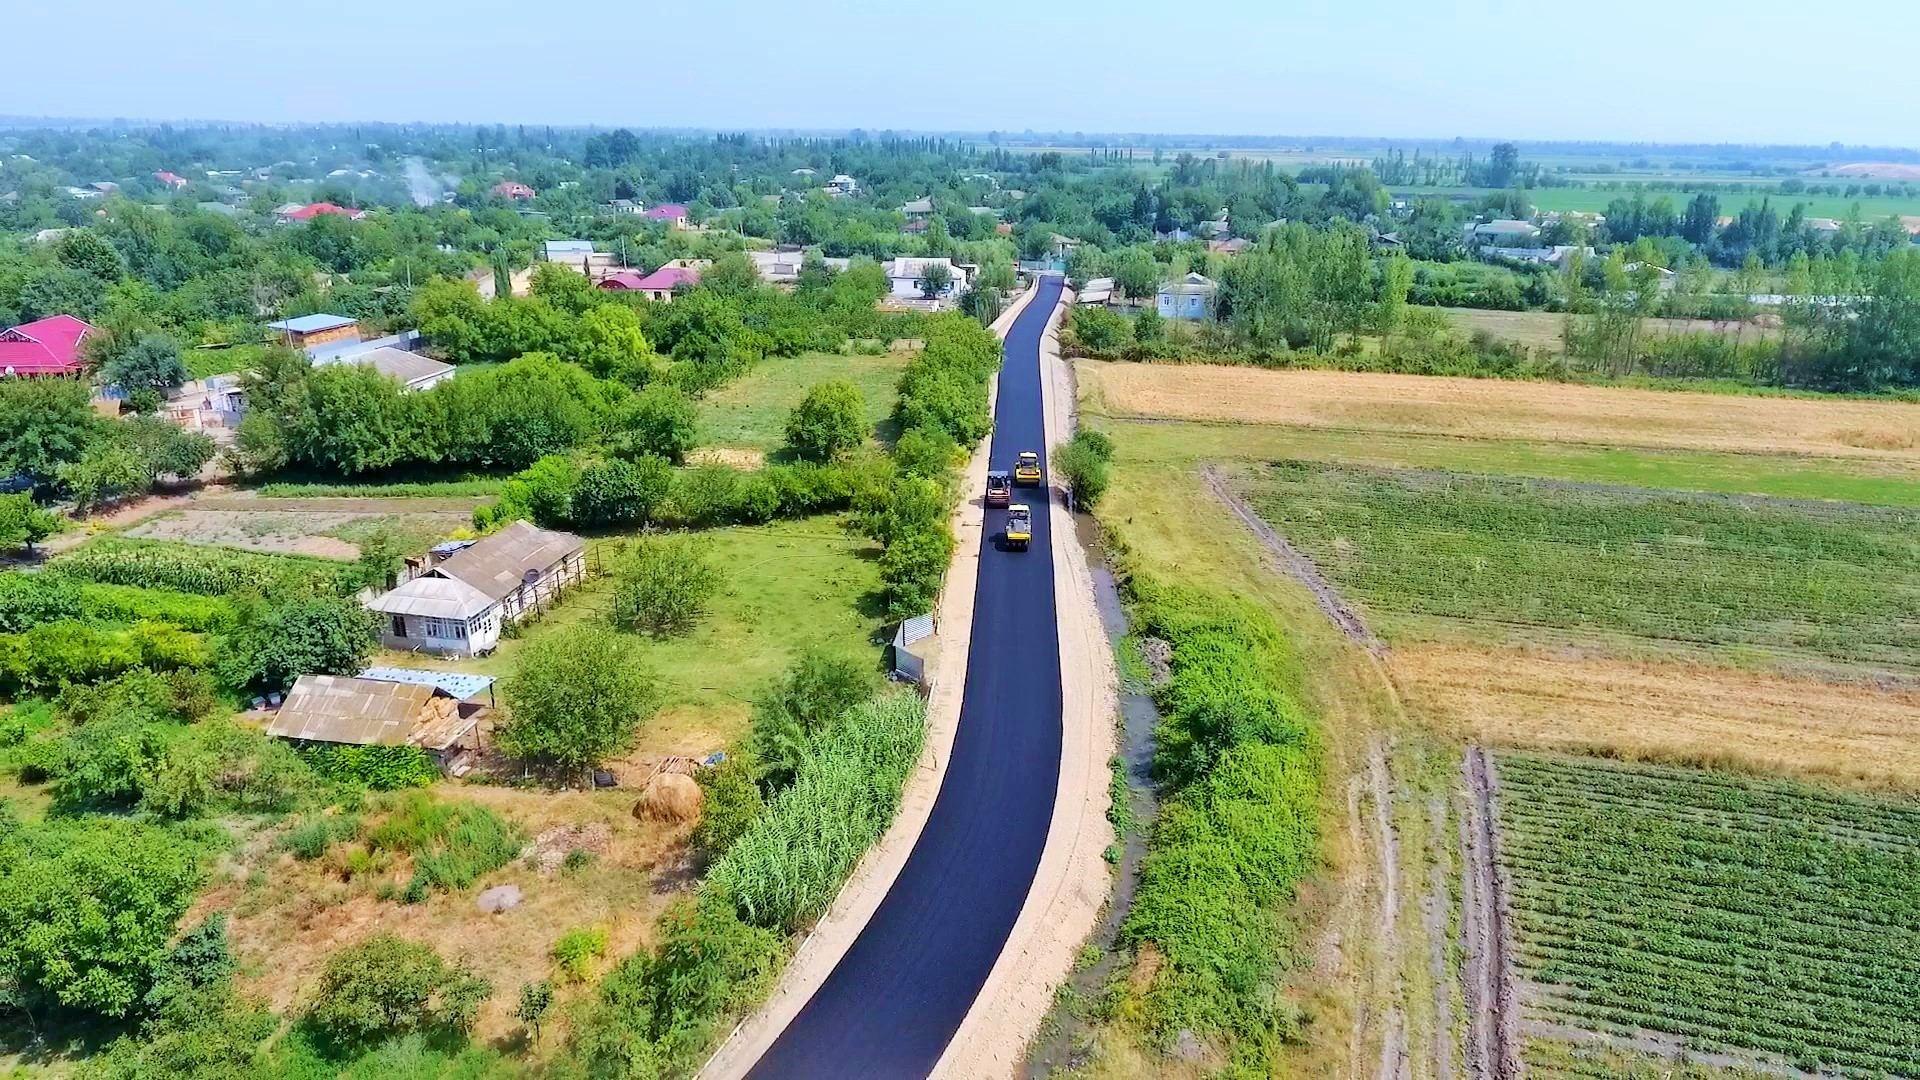 В Тертерском районе завершается реконструкция автодороги, соединяющей 5 населенных пунктов (ФОТО) - Gallery Image